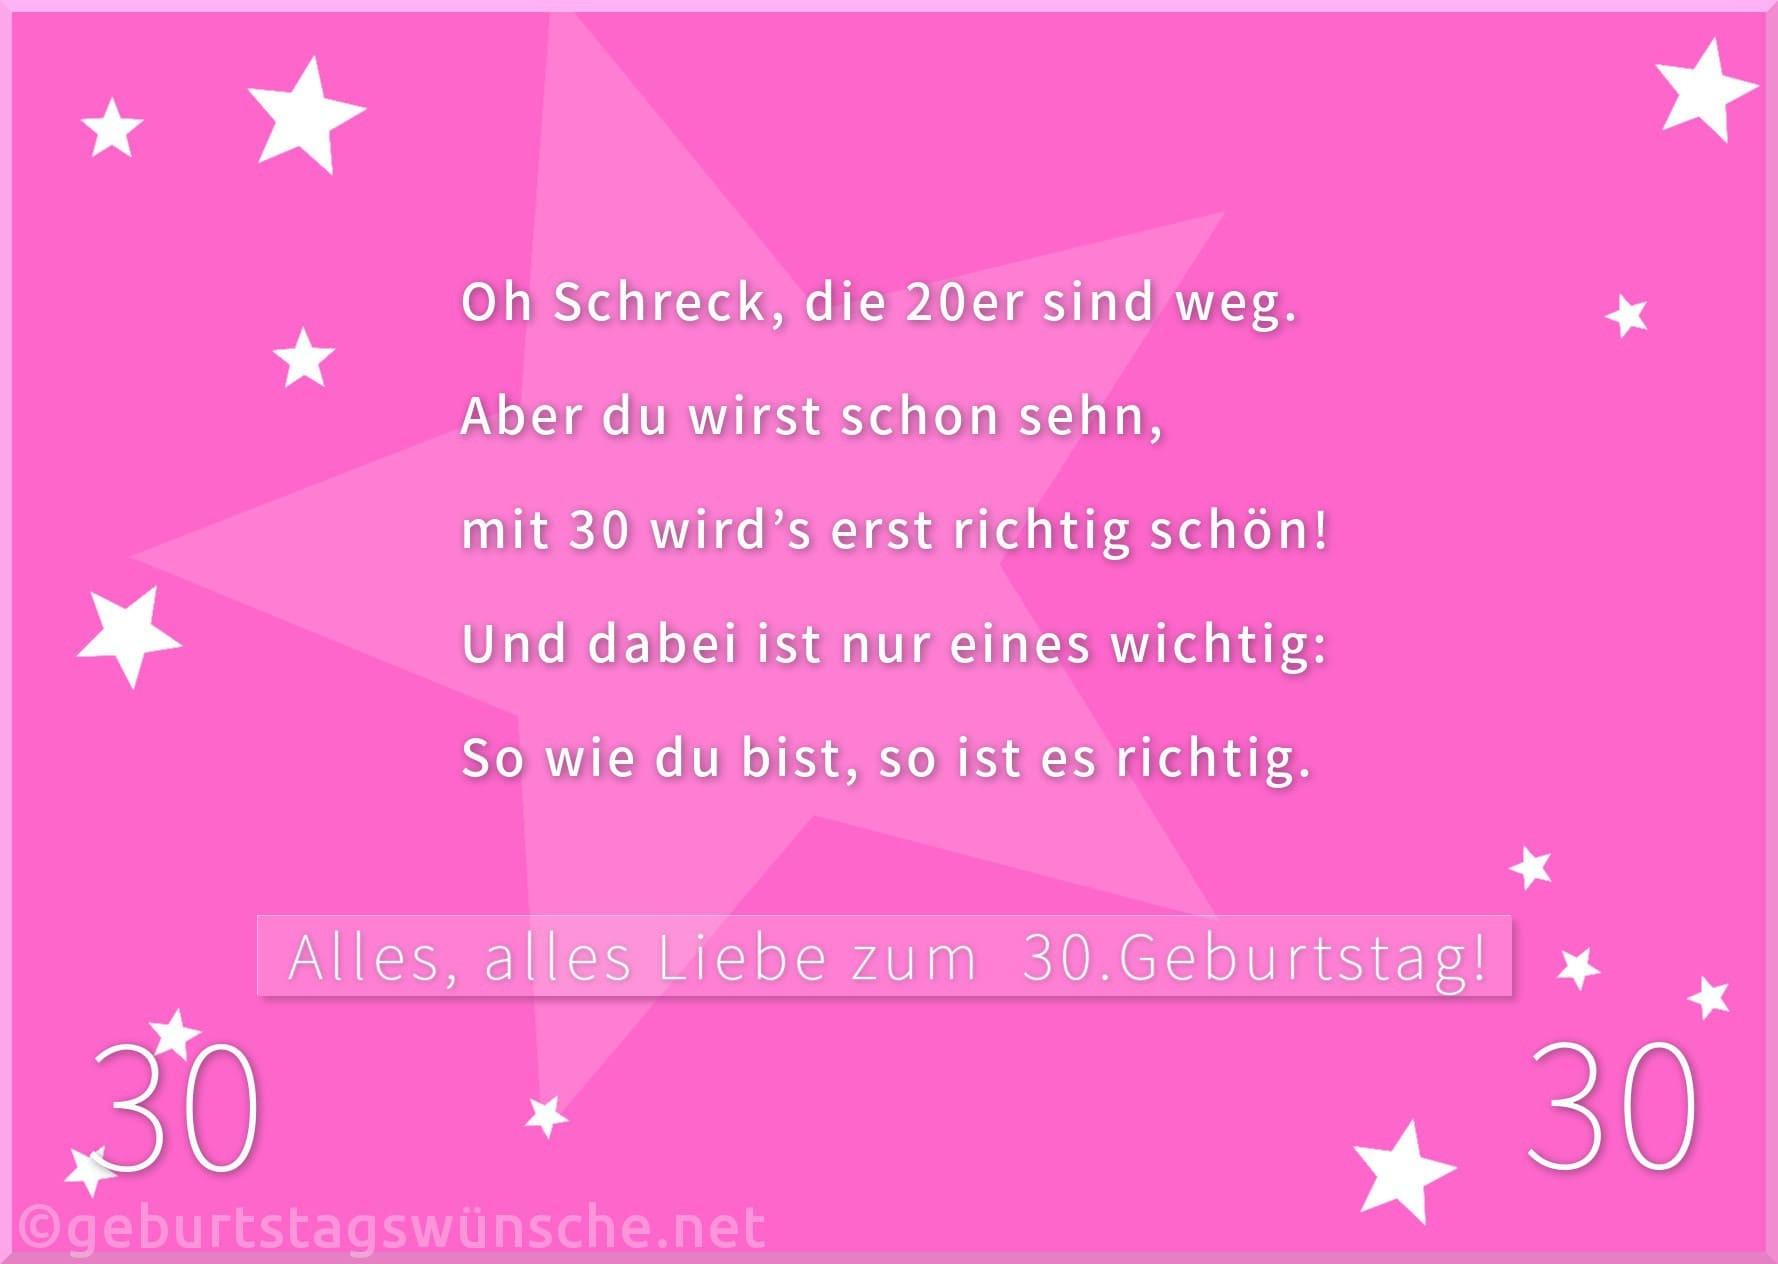 Geburtstagssprüche Zum 30 Frau  bilder zum 30 geburtstag frau droitshumainsfo